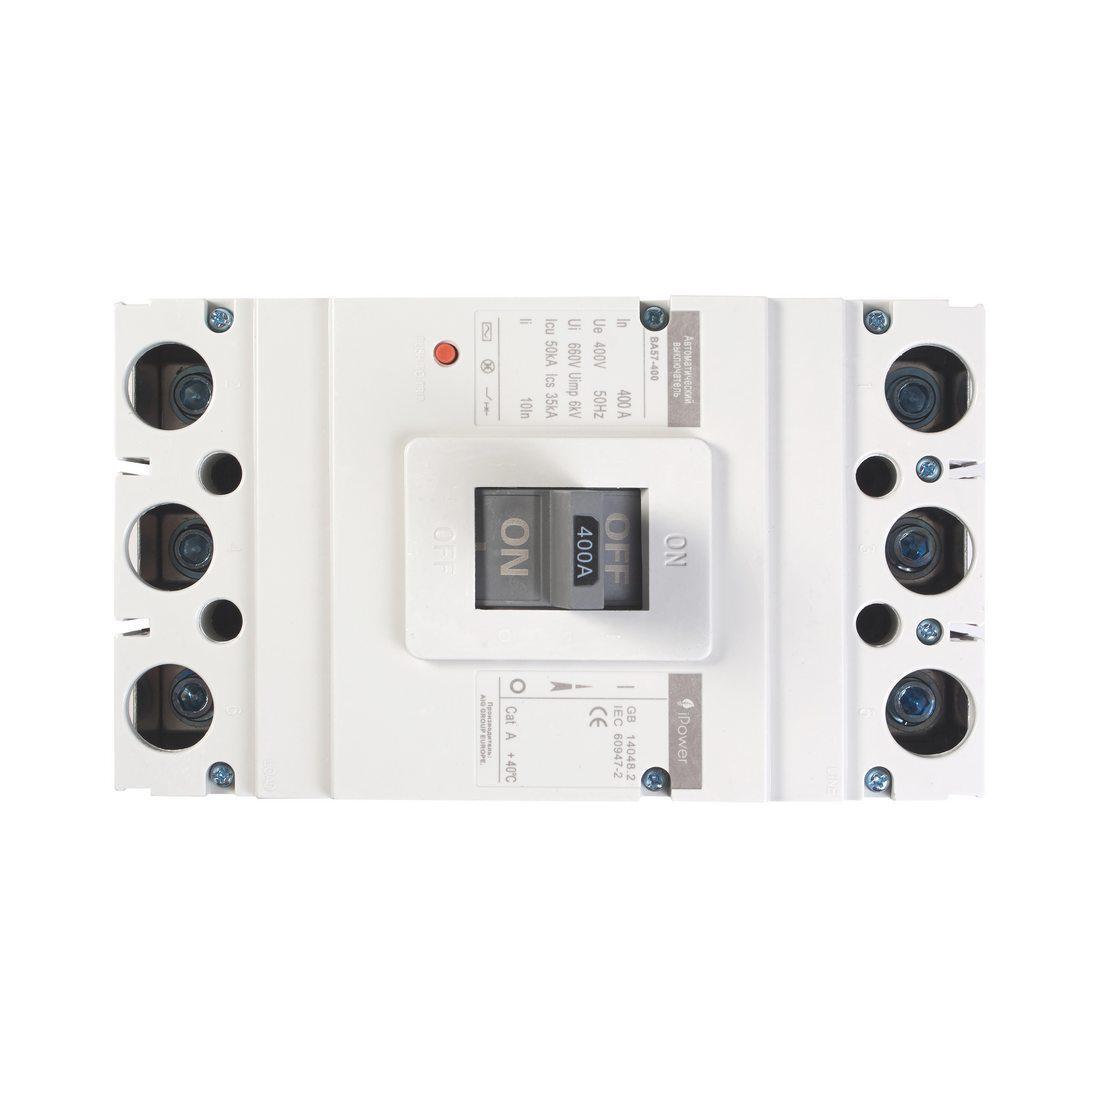 Автоматический выключатель установочный iPower ВА57-400 3P 250А, 380/660 В, Кол-во полюсов: 3, Предел отключен